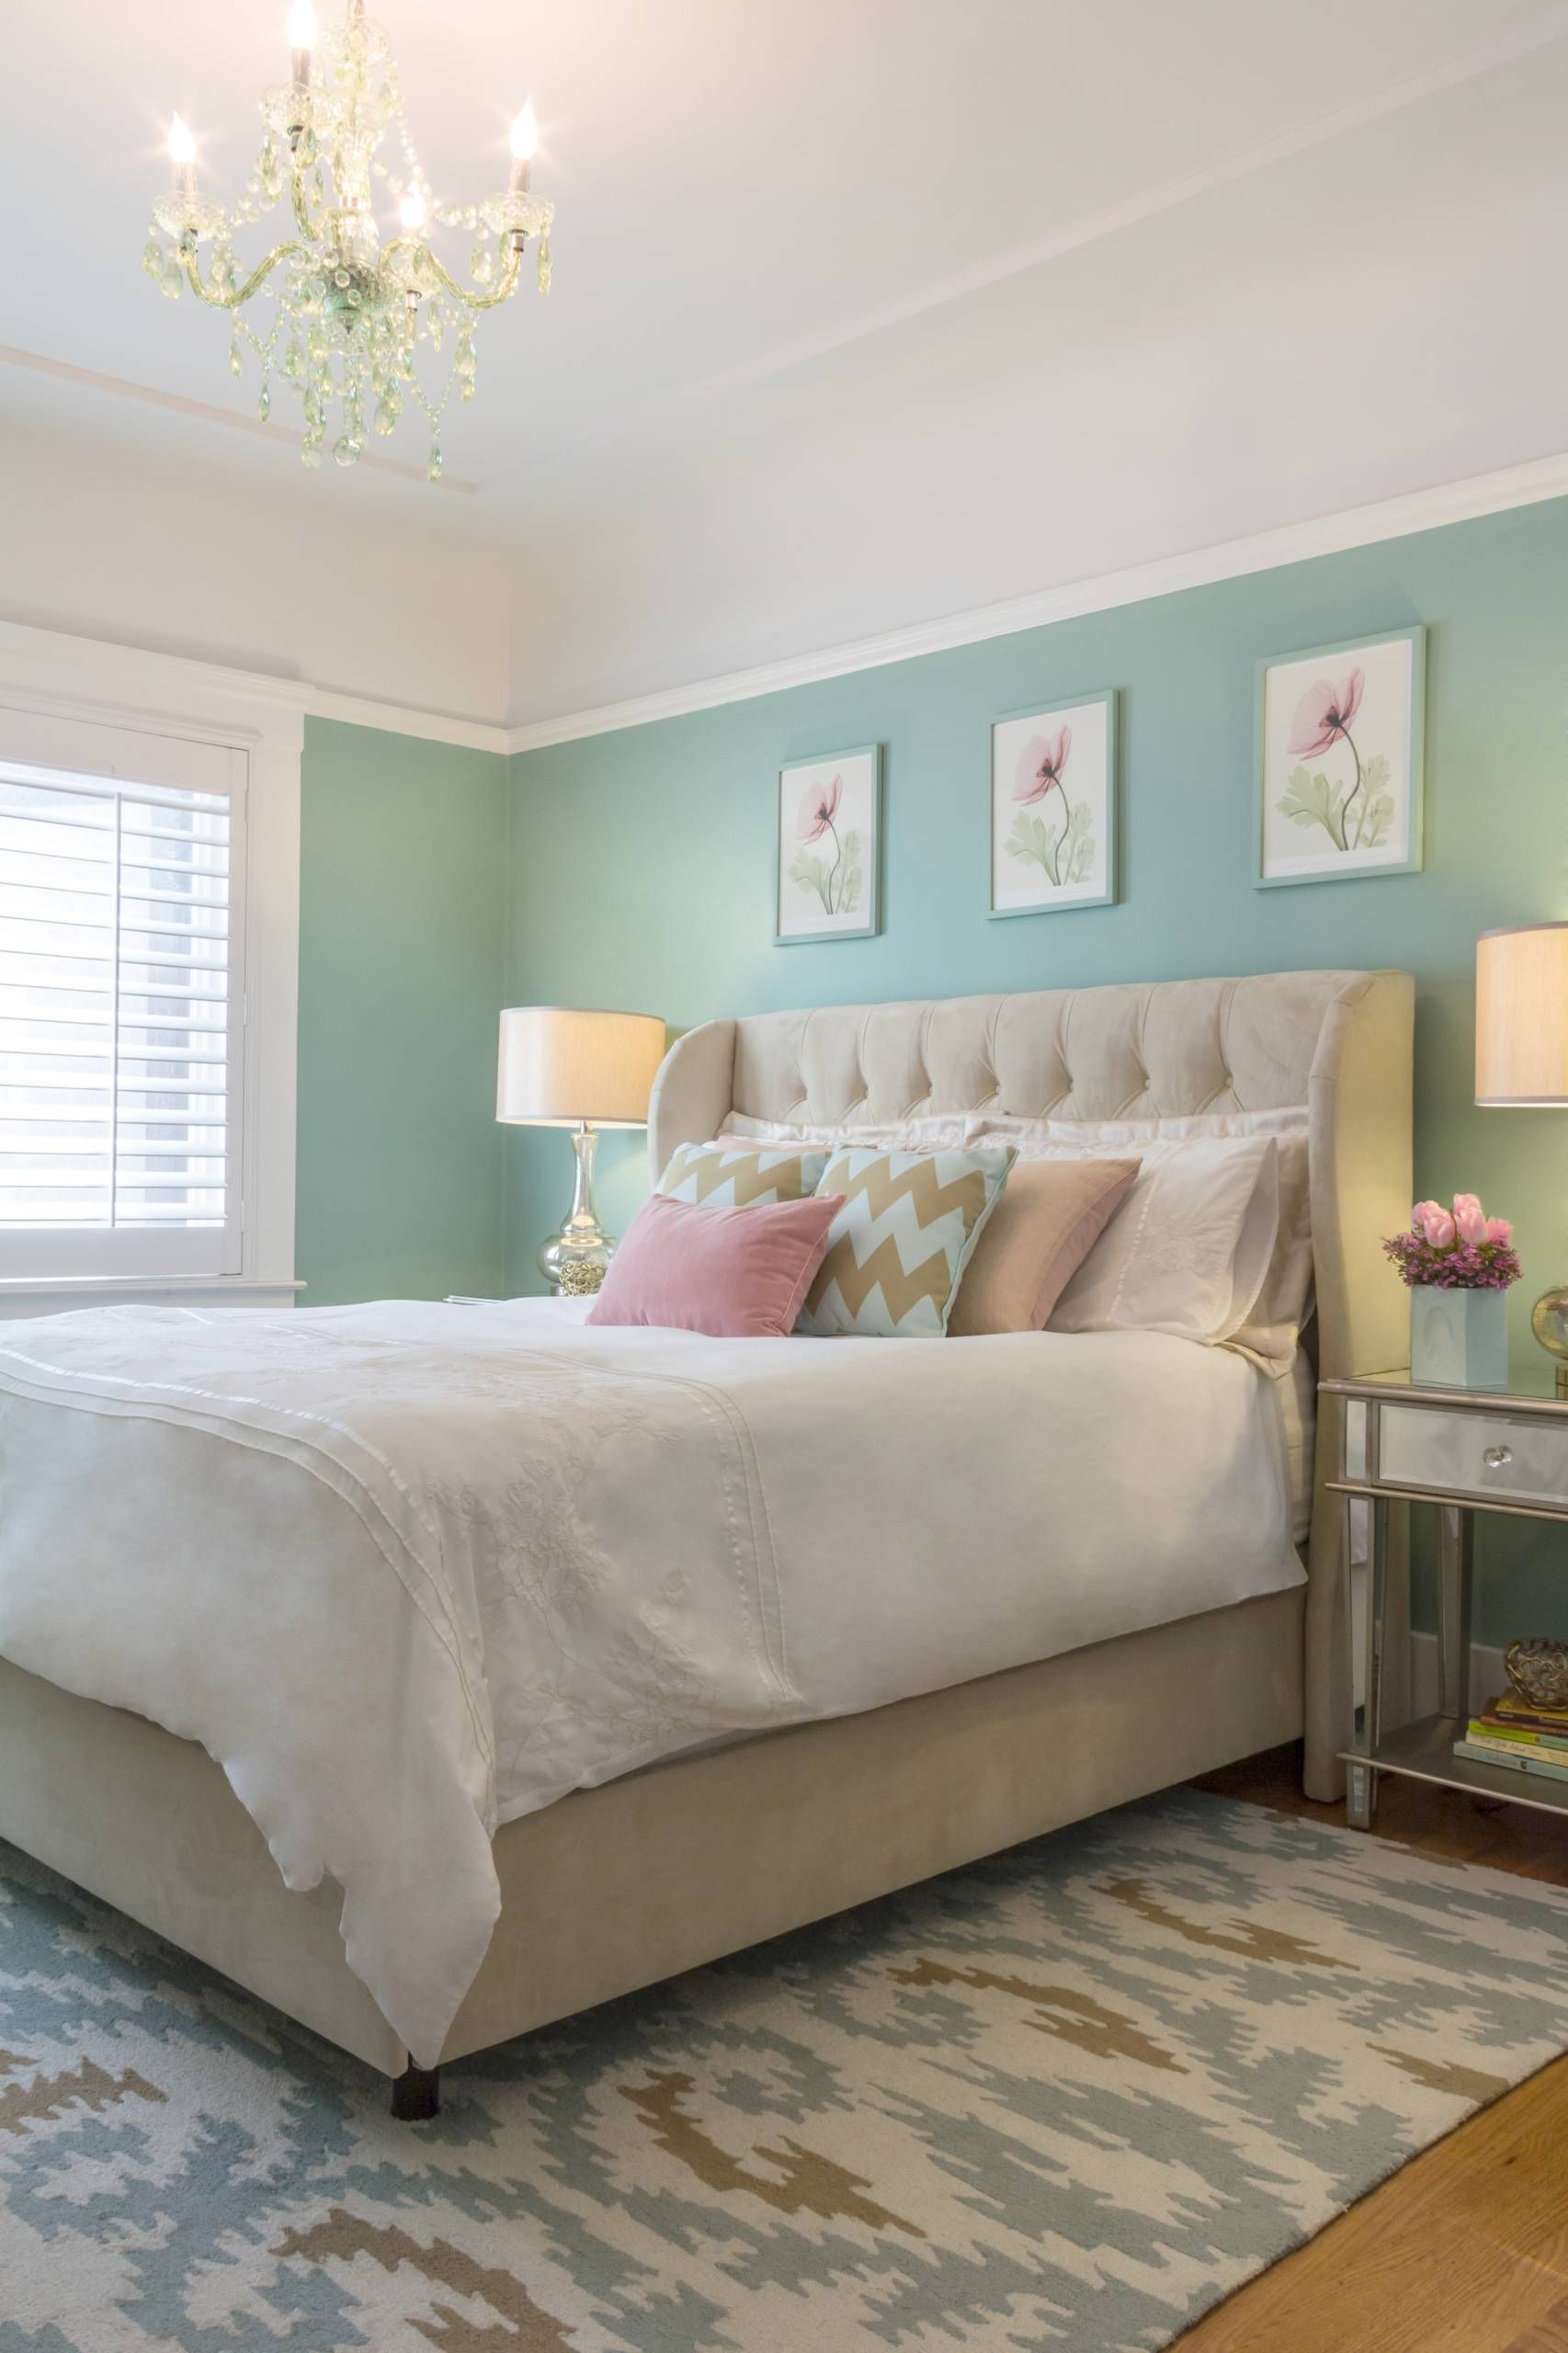 Cores para quarto 109 dormitorio pinterest cores for Quadros dormitorio